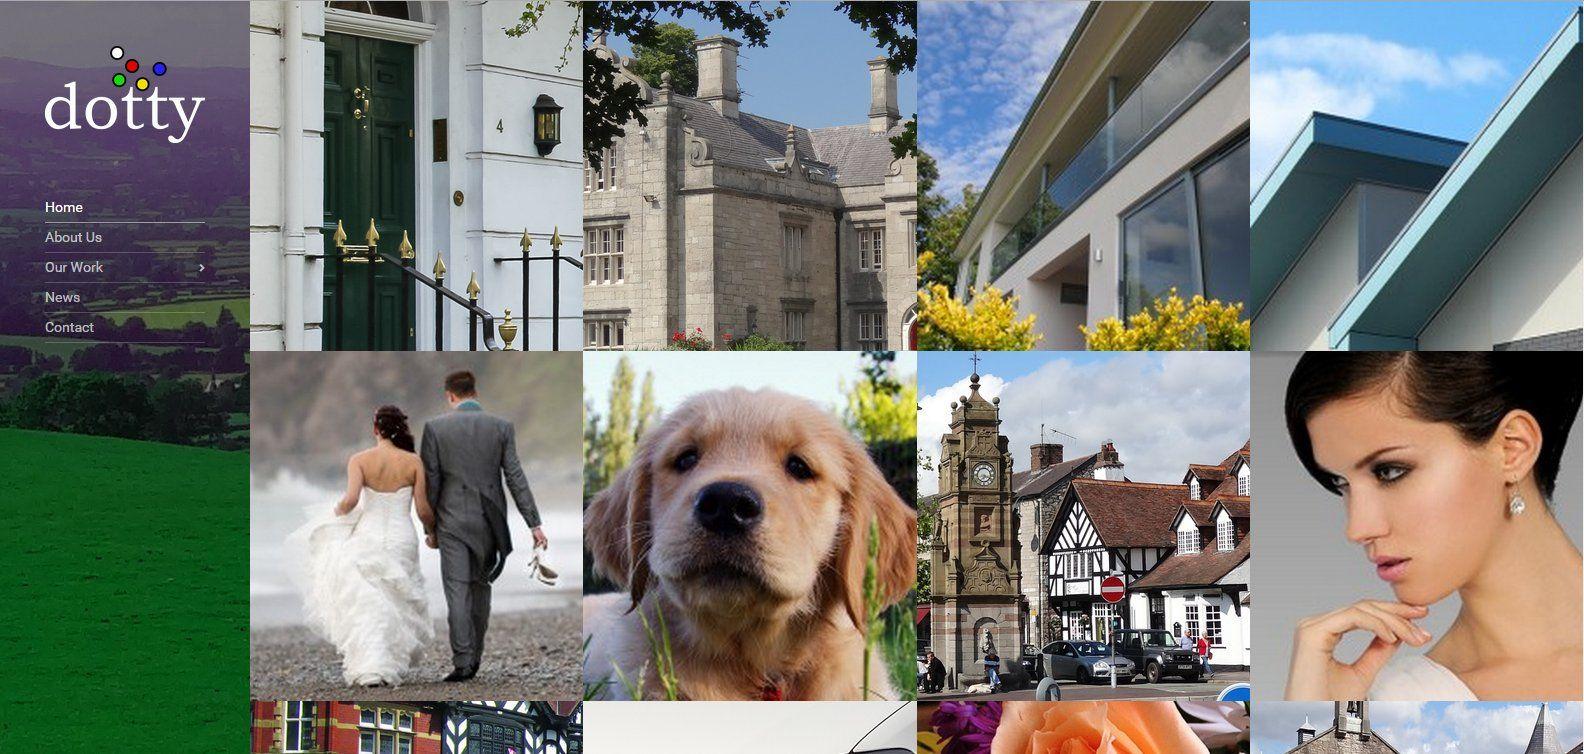 Starter Websites for Businesses Wrexham, Swindon, Free